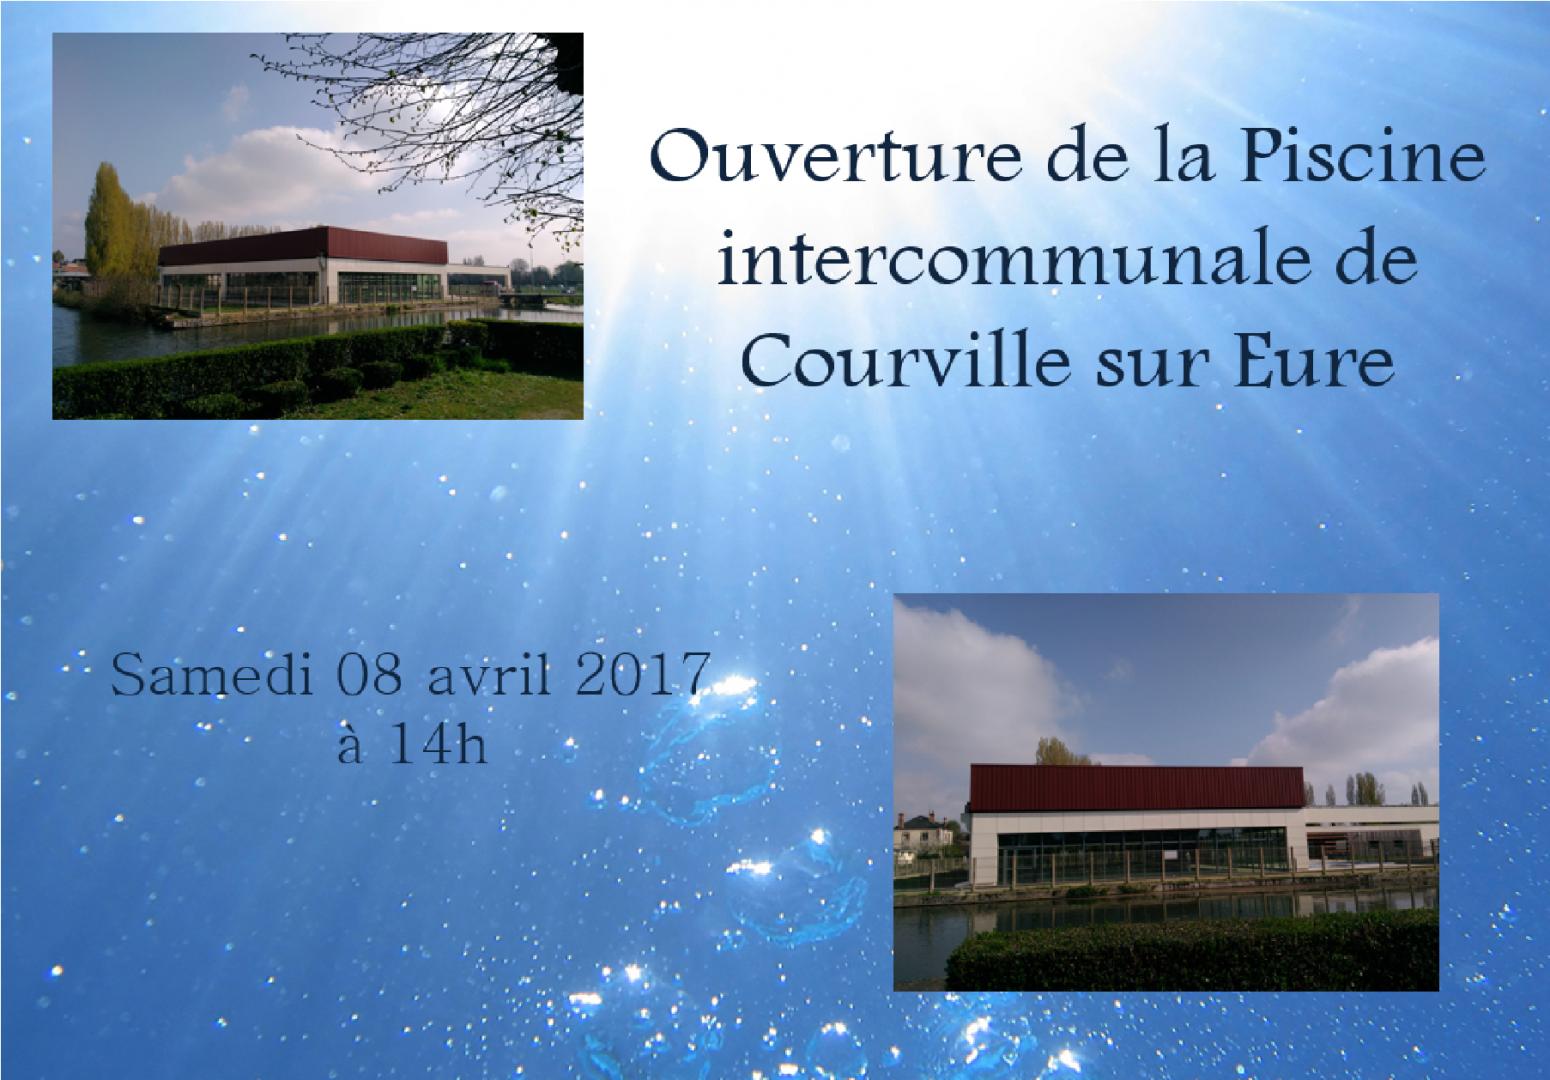 Ouverture de la piscine intercommunale de Courville